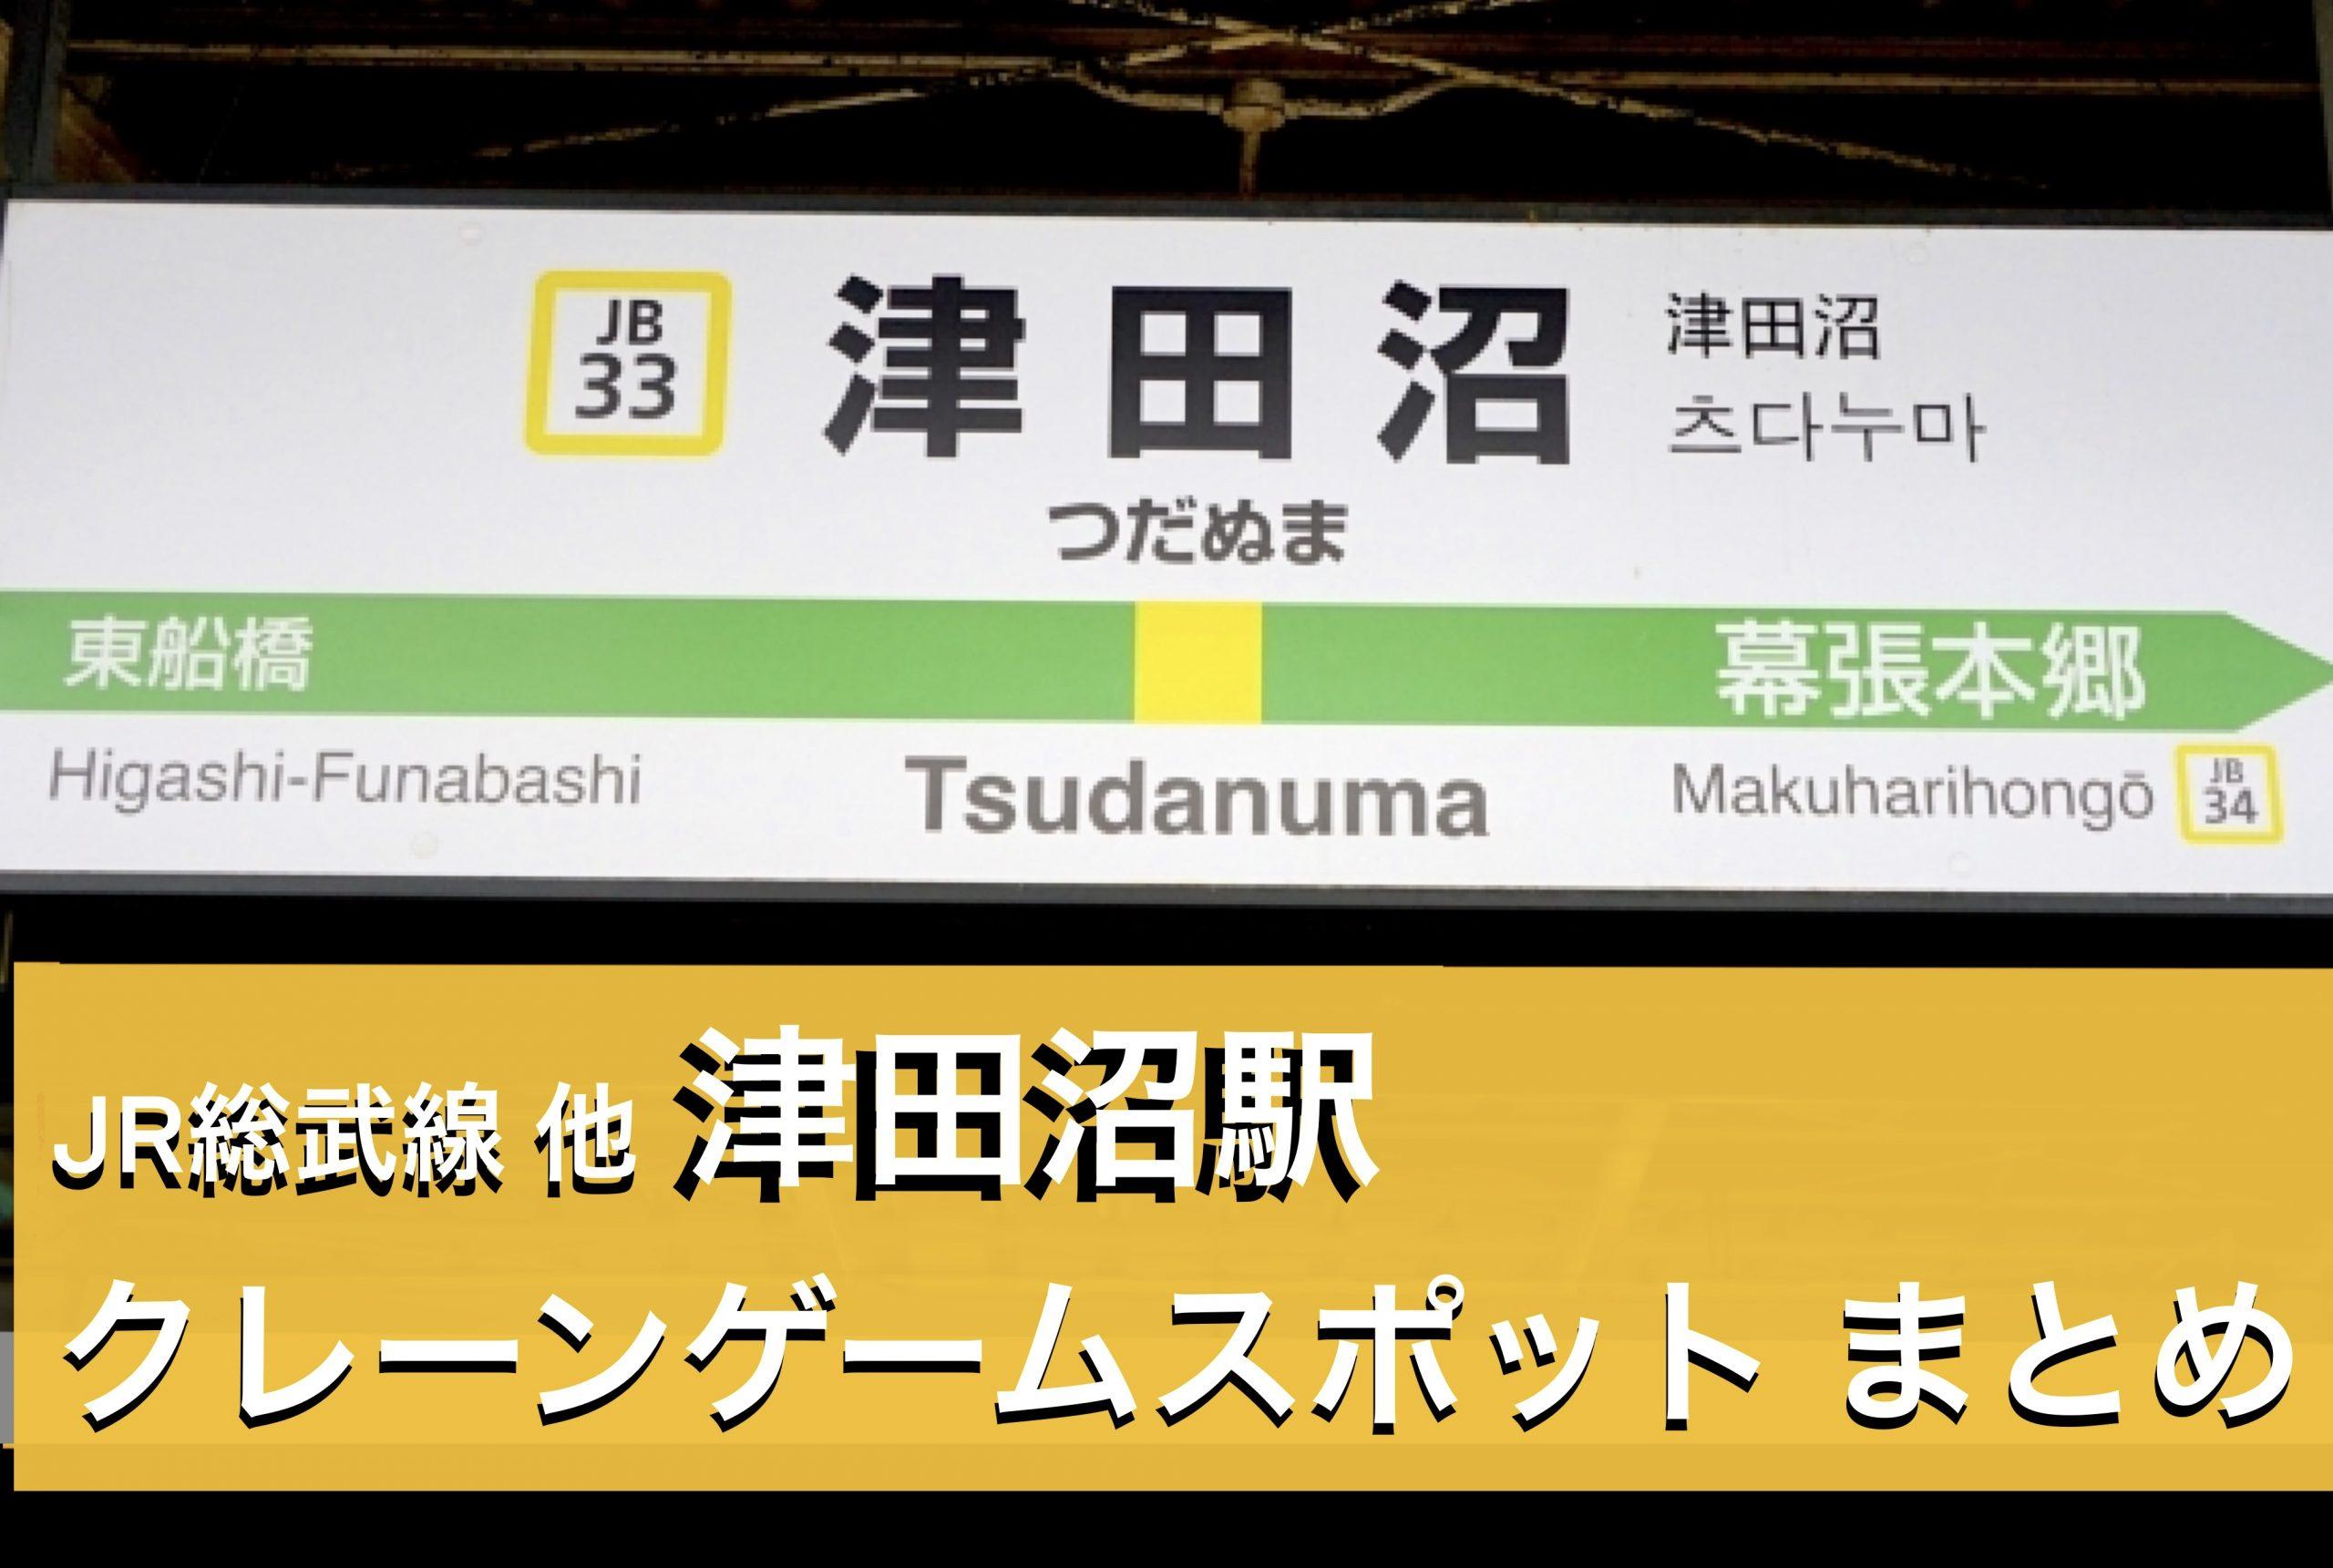 【津田沼駅】クレーンゲームができる場所